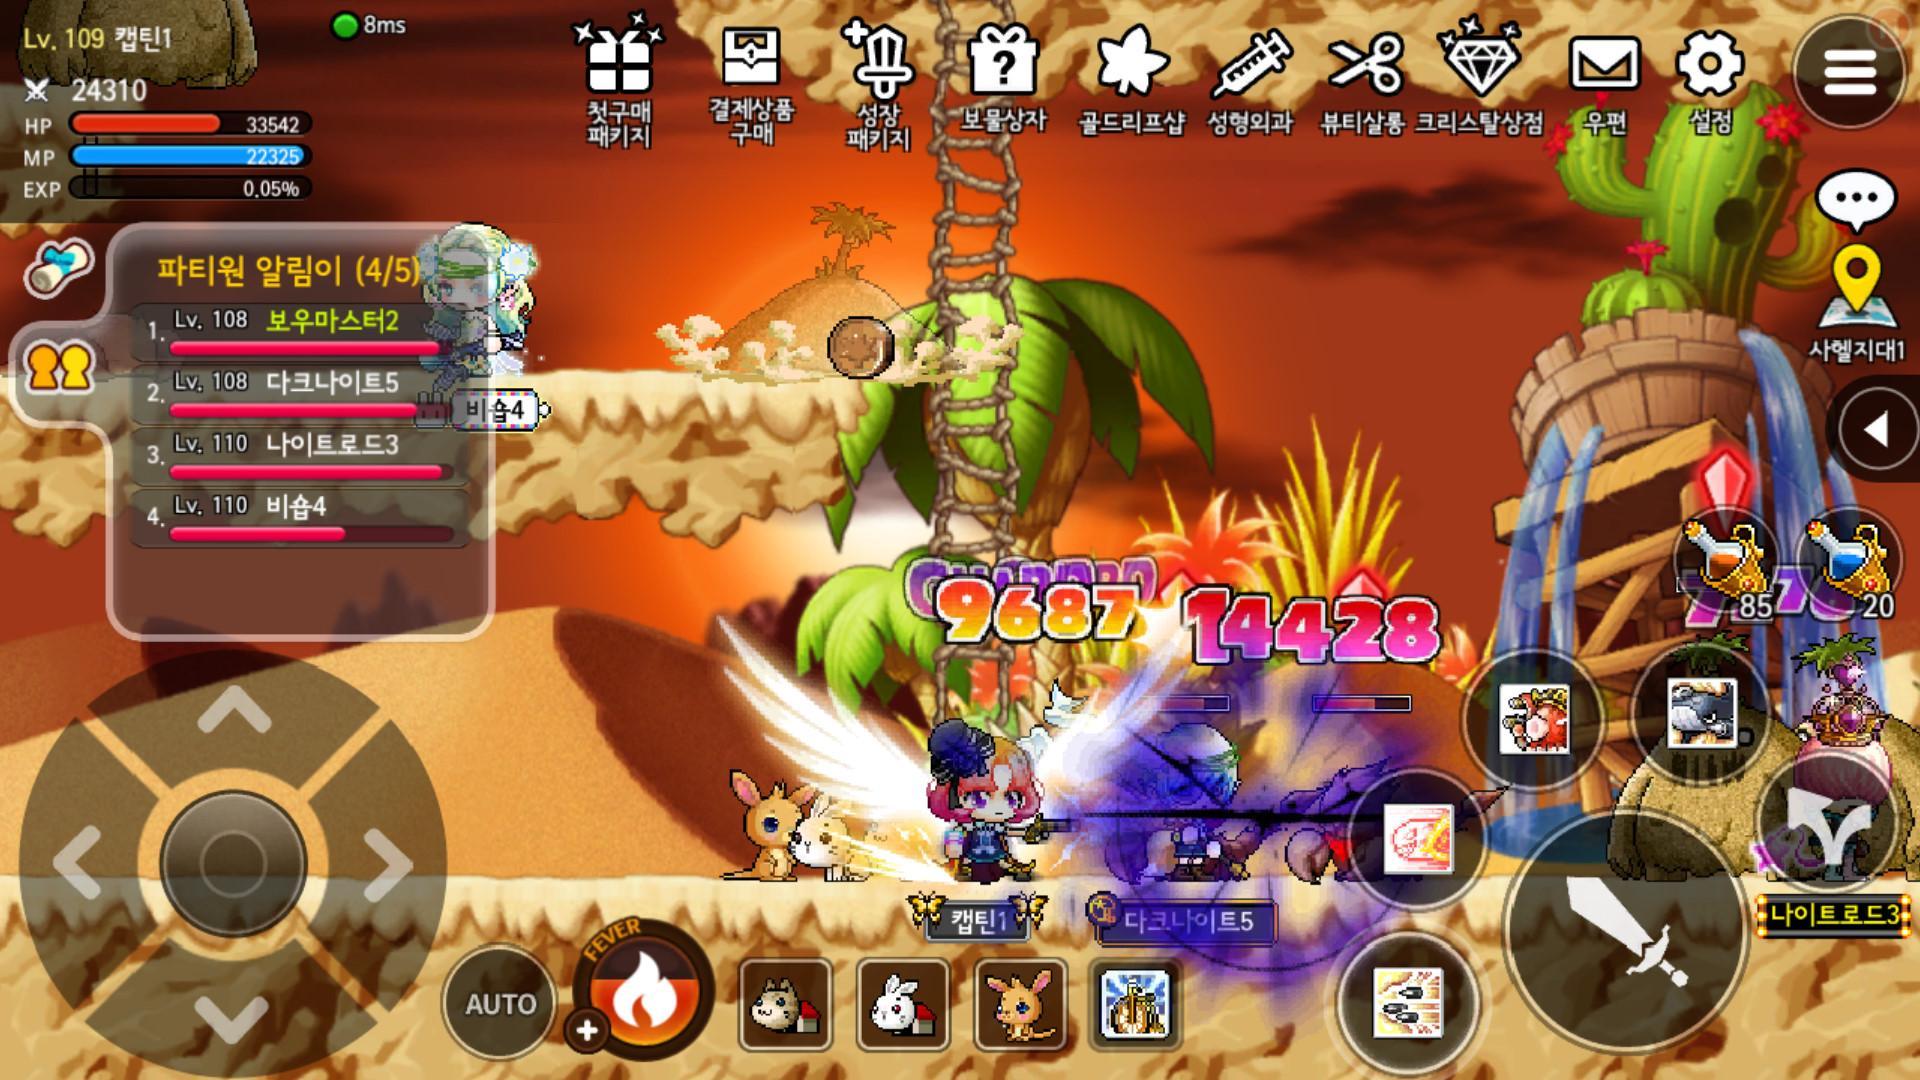 《冒险岛M》是一款延续了原作PC线上游戏《冒险岛》特点的 MMORPG 手游。在游戏中可以体验到和好友们交流、结盟等乐趣,还有5种冒险家角色供玩家选择。在特设的精英副本中狩猎越强的怪兽获得的奖励越丰厚,精英副本按等级进入,独自完成或组队完成皆可。如果厌倦的嘈...